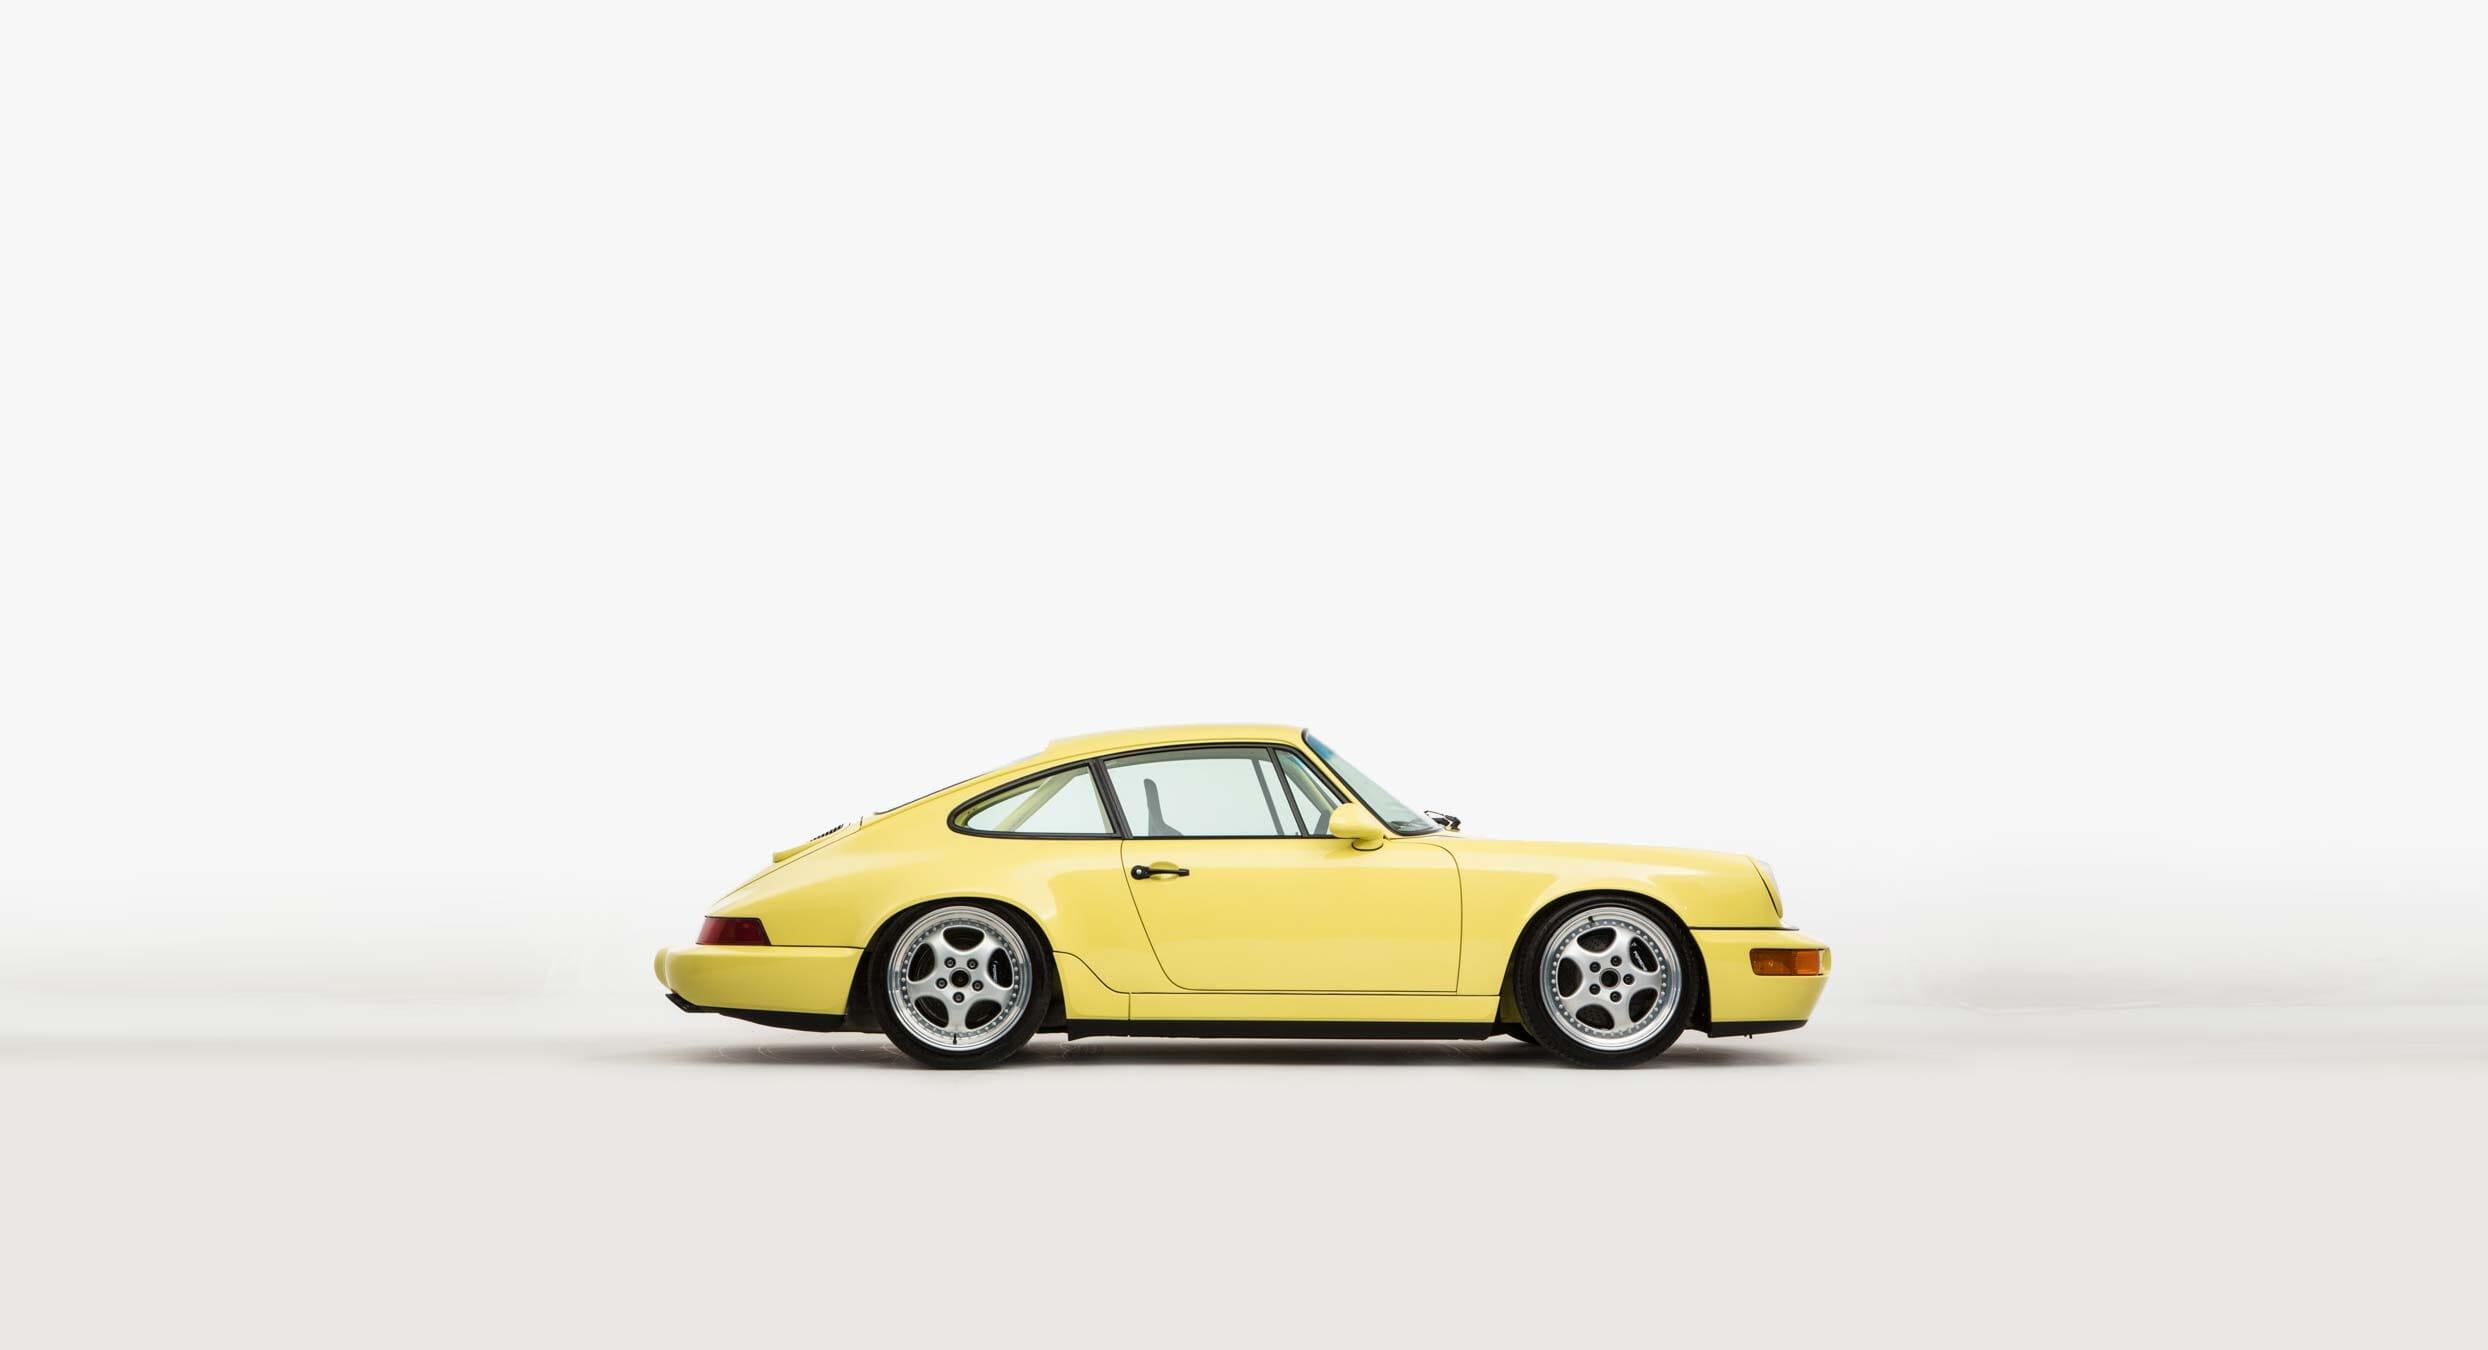 Classic Car Find of the Week: 1992 Porsche 964 Carrera Cup